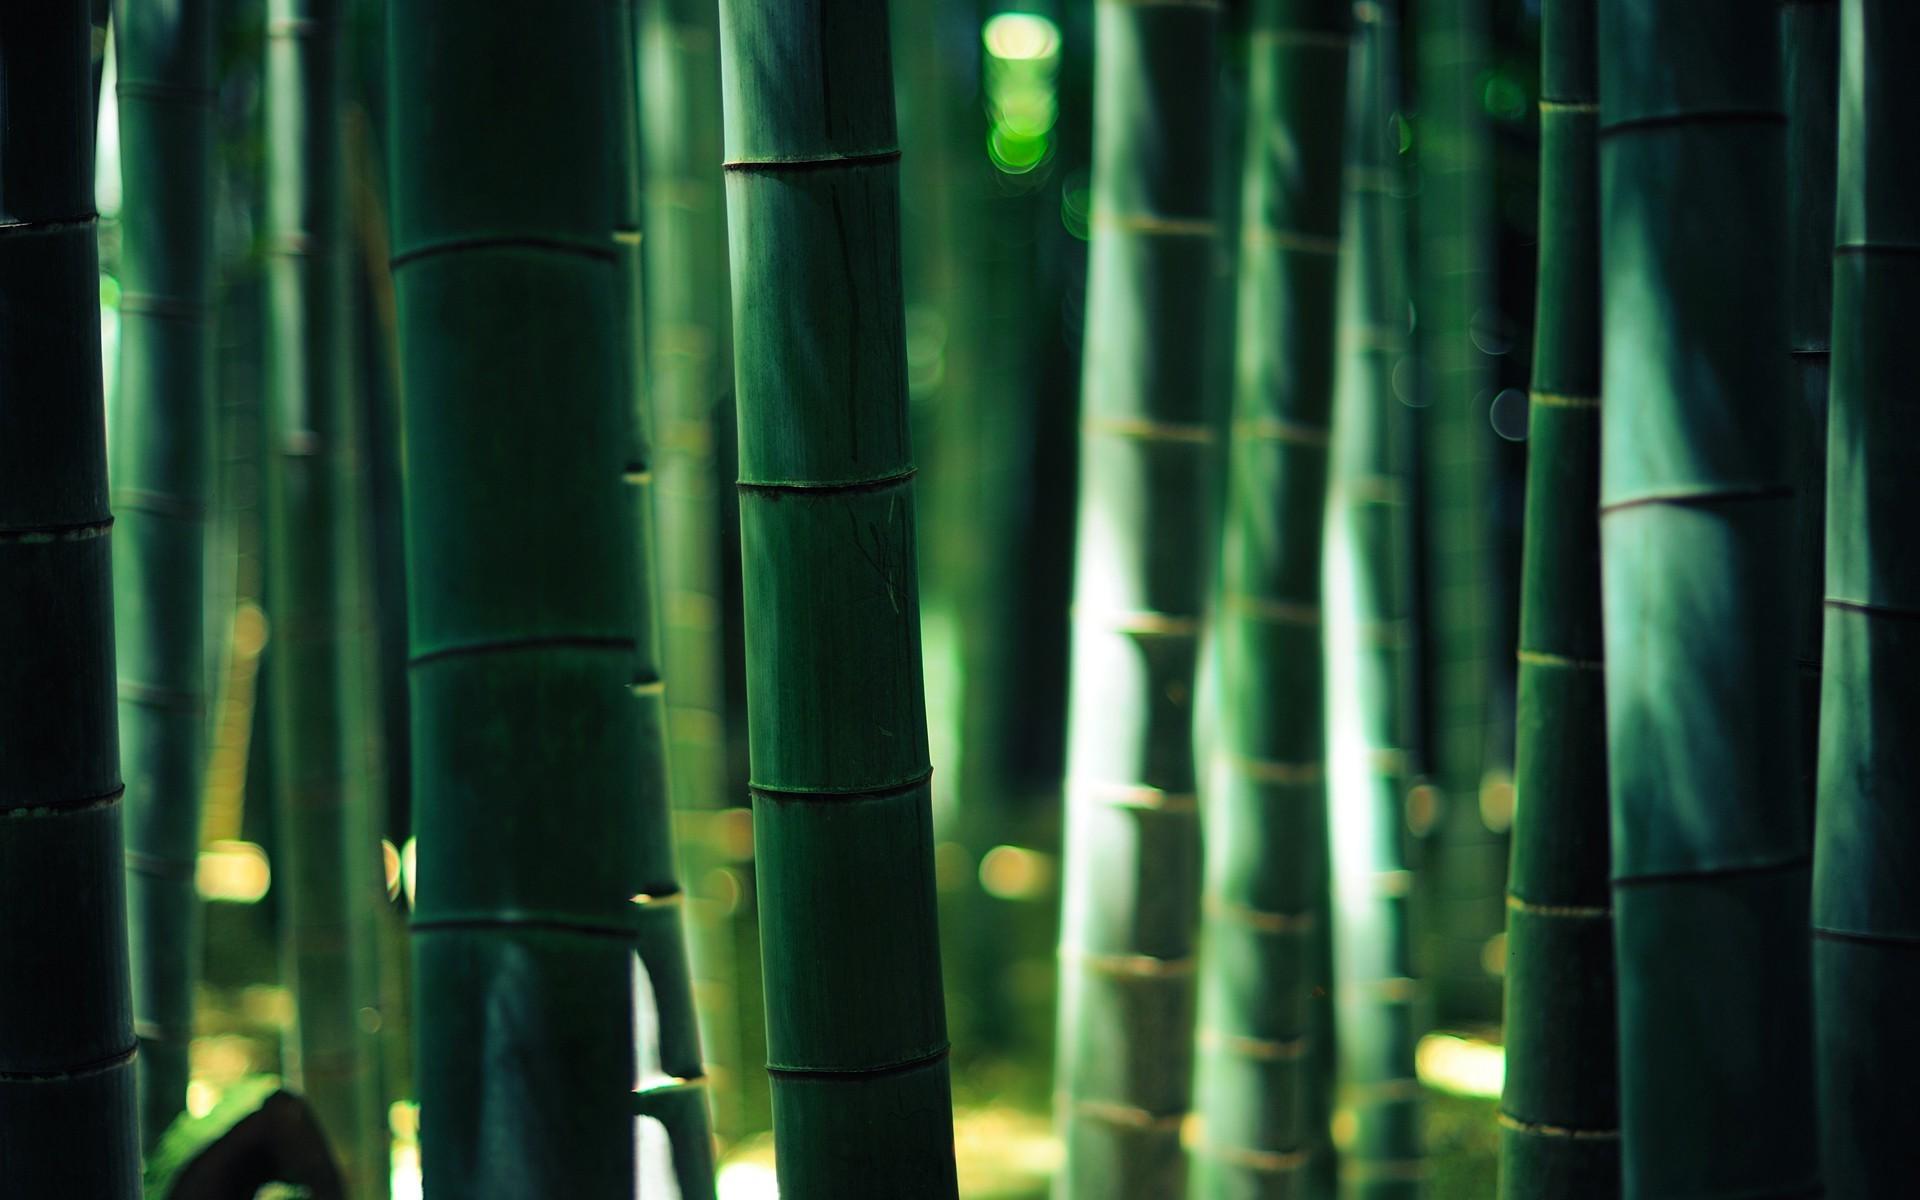 bamboo, Wood, Bokeh, Forest, Gold, Lights Wallpaper HD